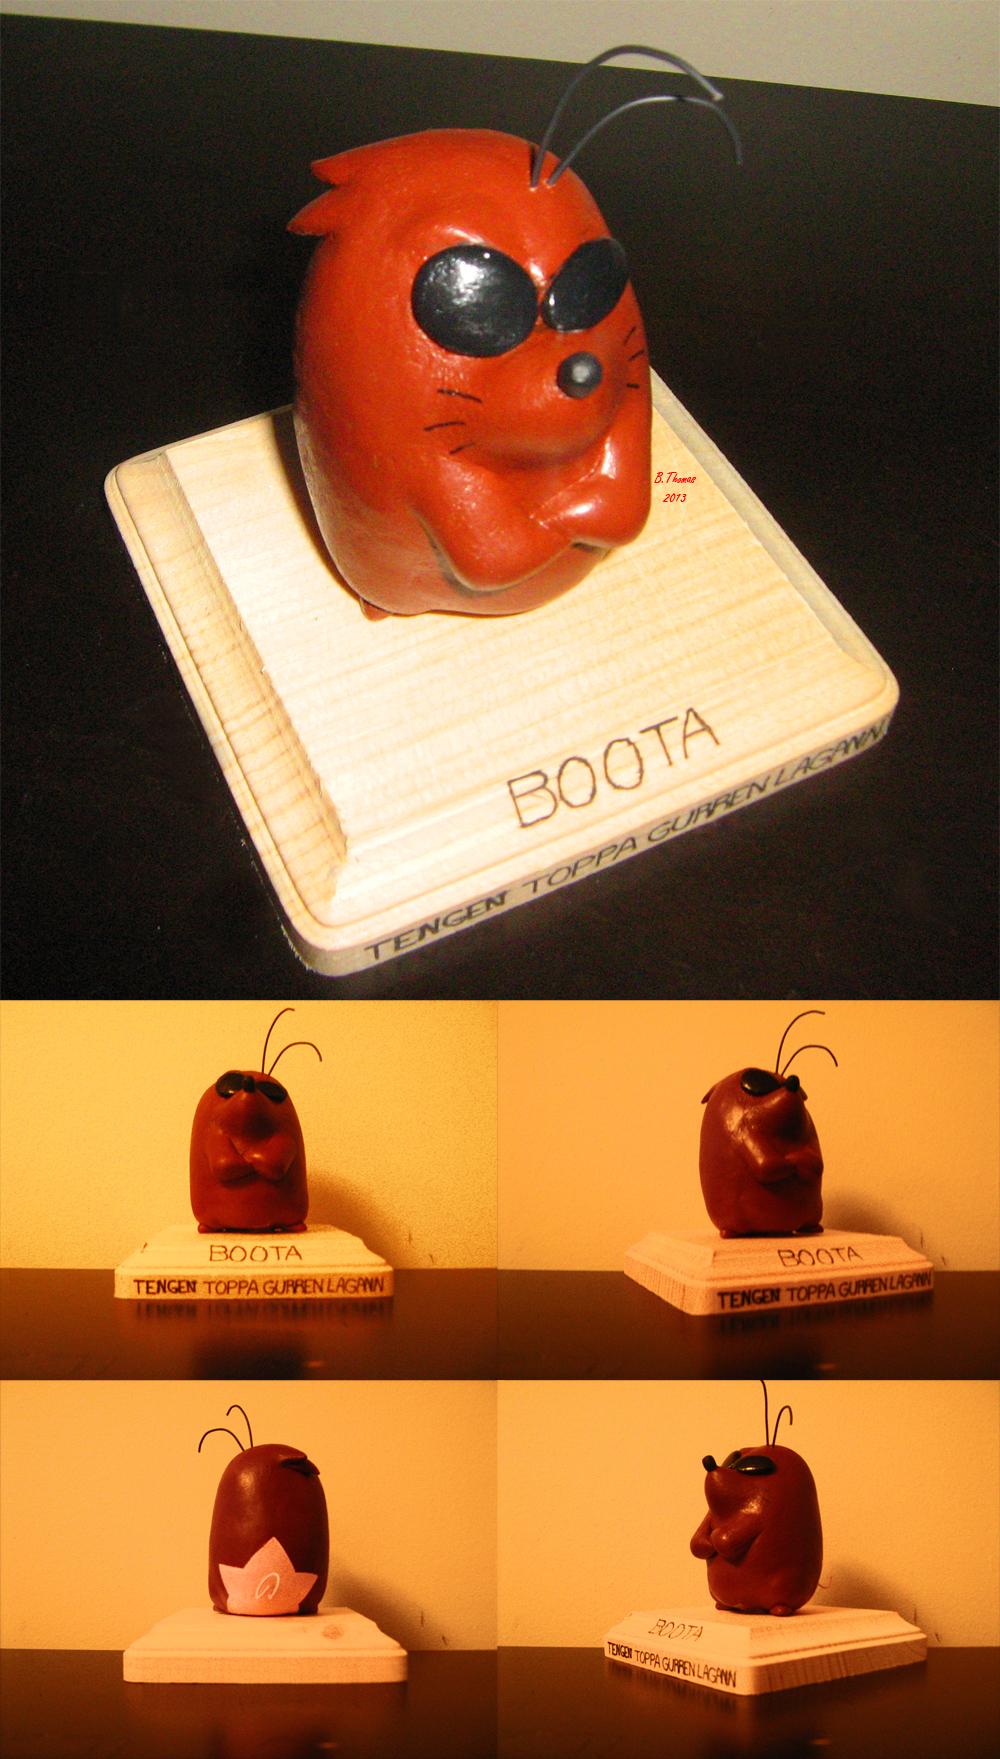 Boota Sculpture